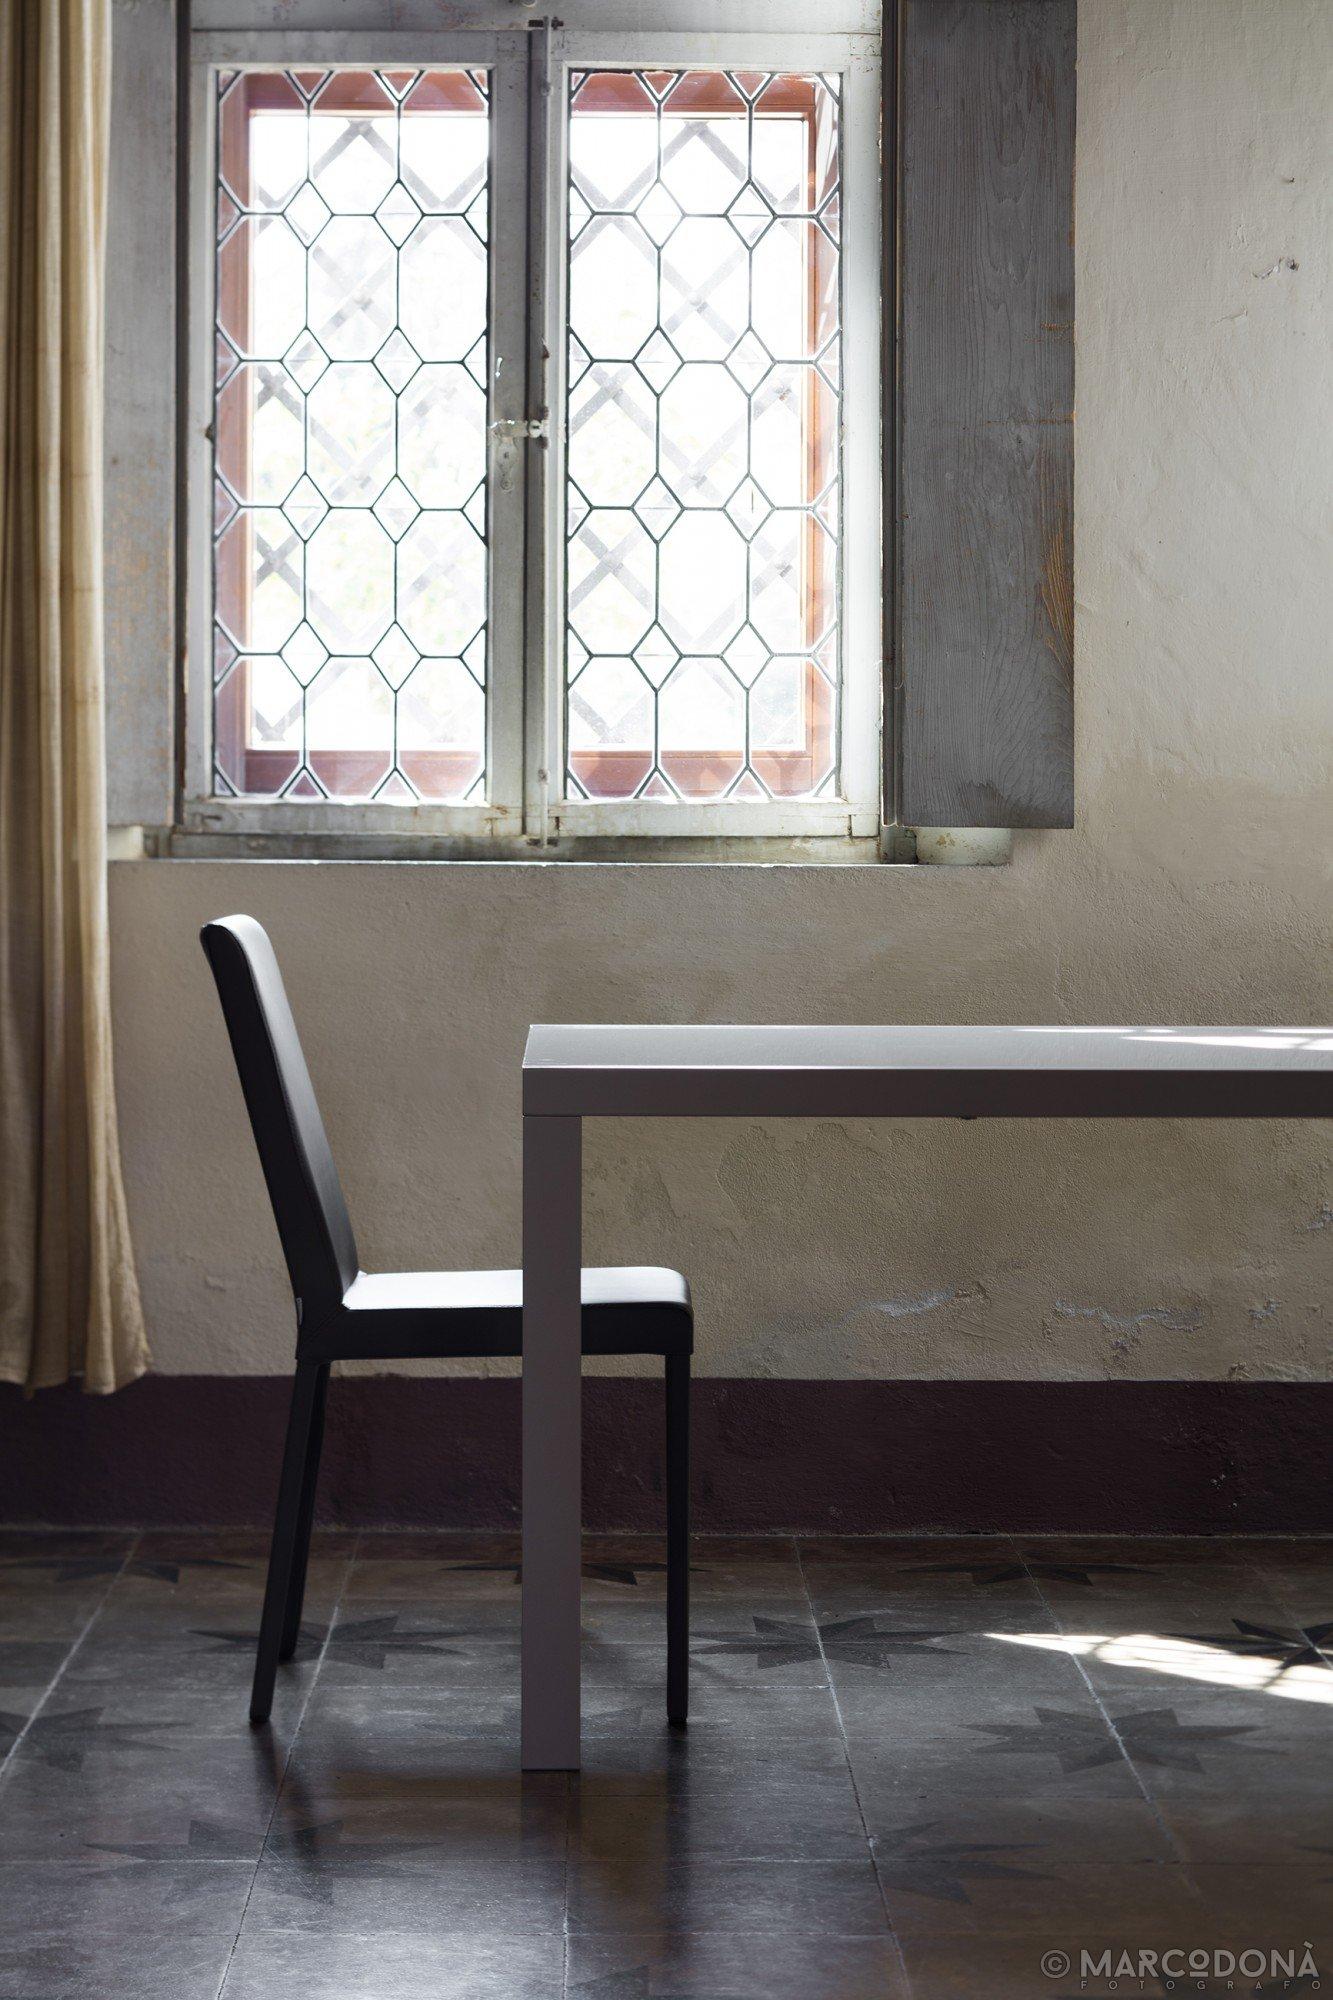 Free cheap fotografo d interni with riviste di arredamento e design with arredamento e design - Riviste design interni ...